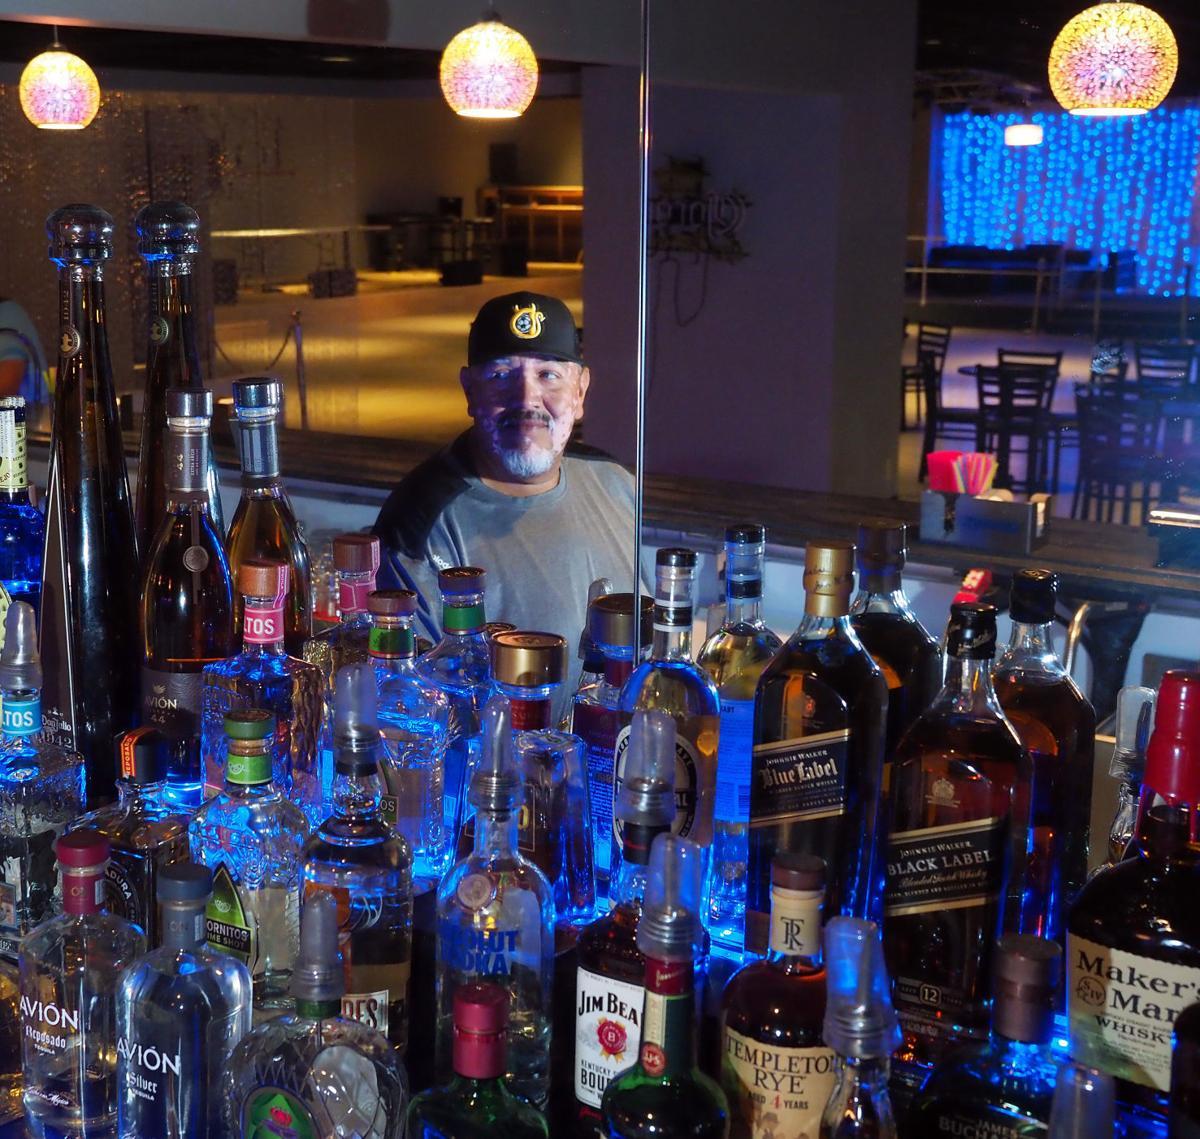 La Familia Nightclub